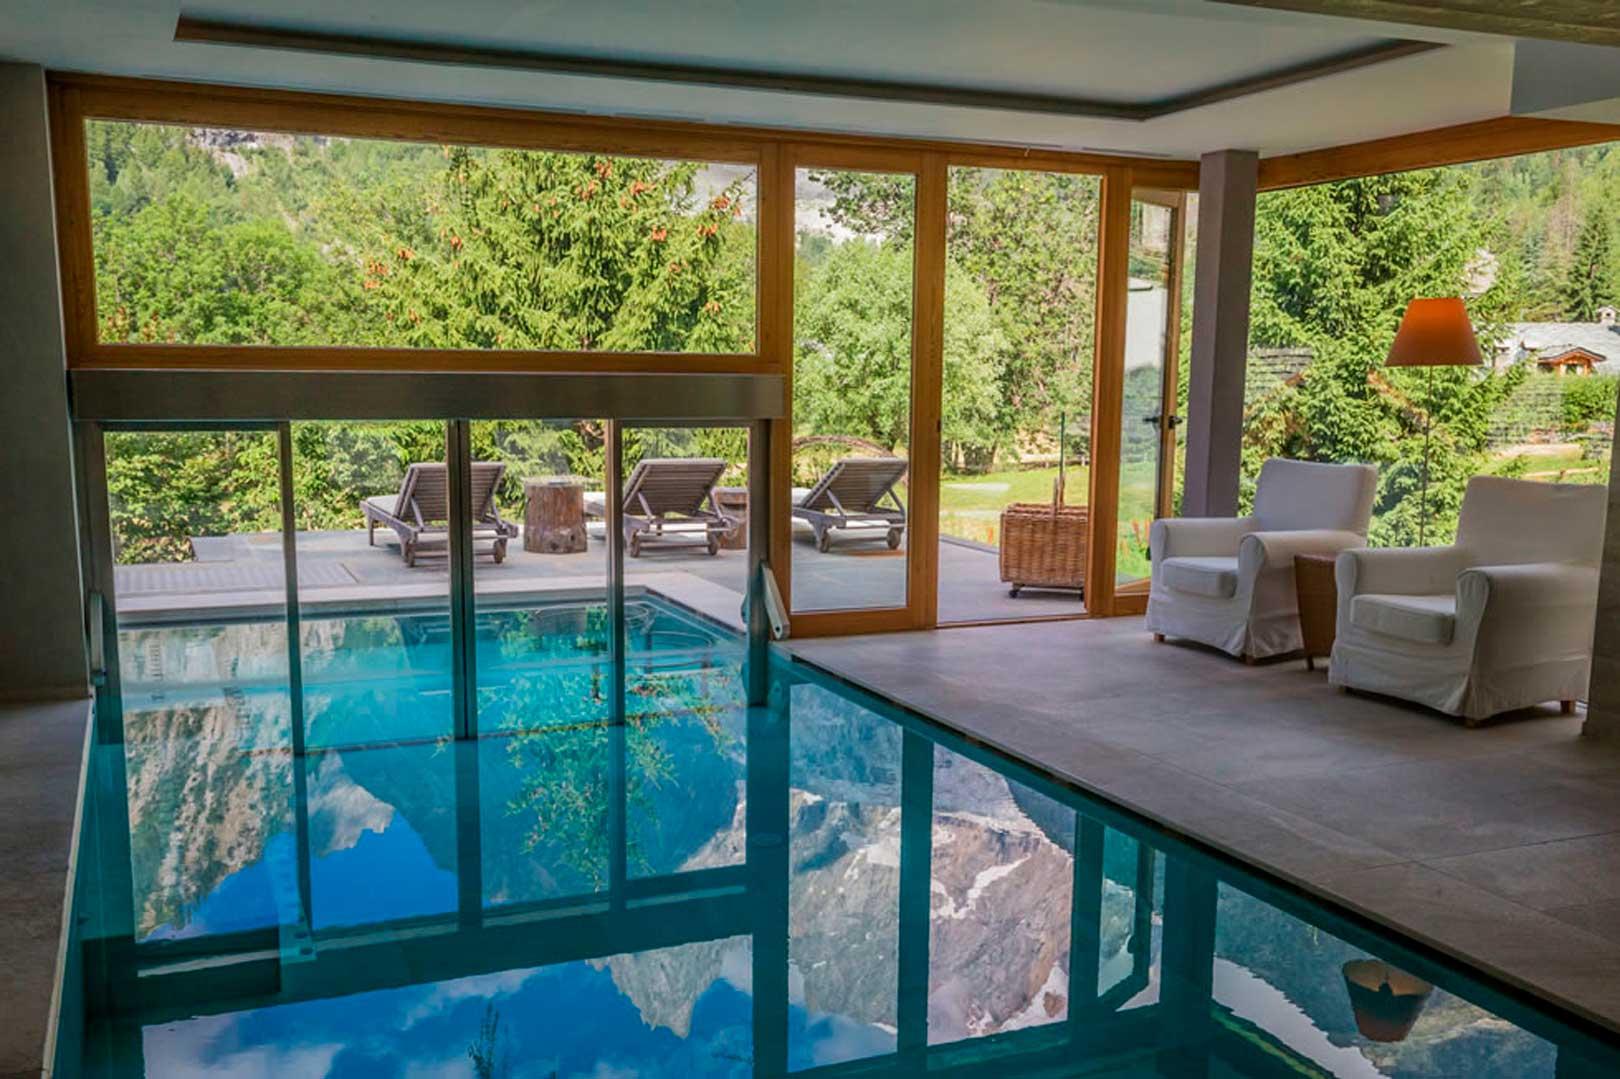 15-hotel-con-spa-per-un-weekend-romantico-vicino-milano-auberge-de-la-maison